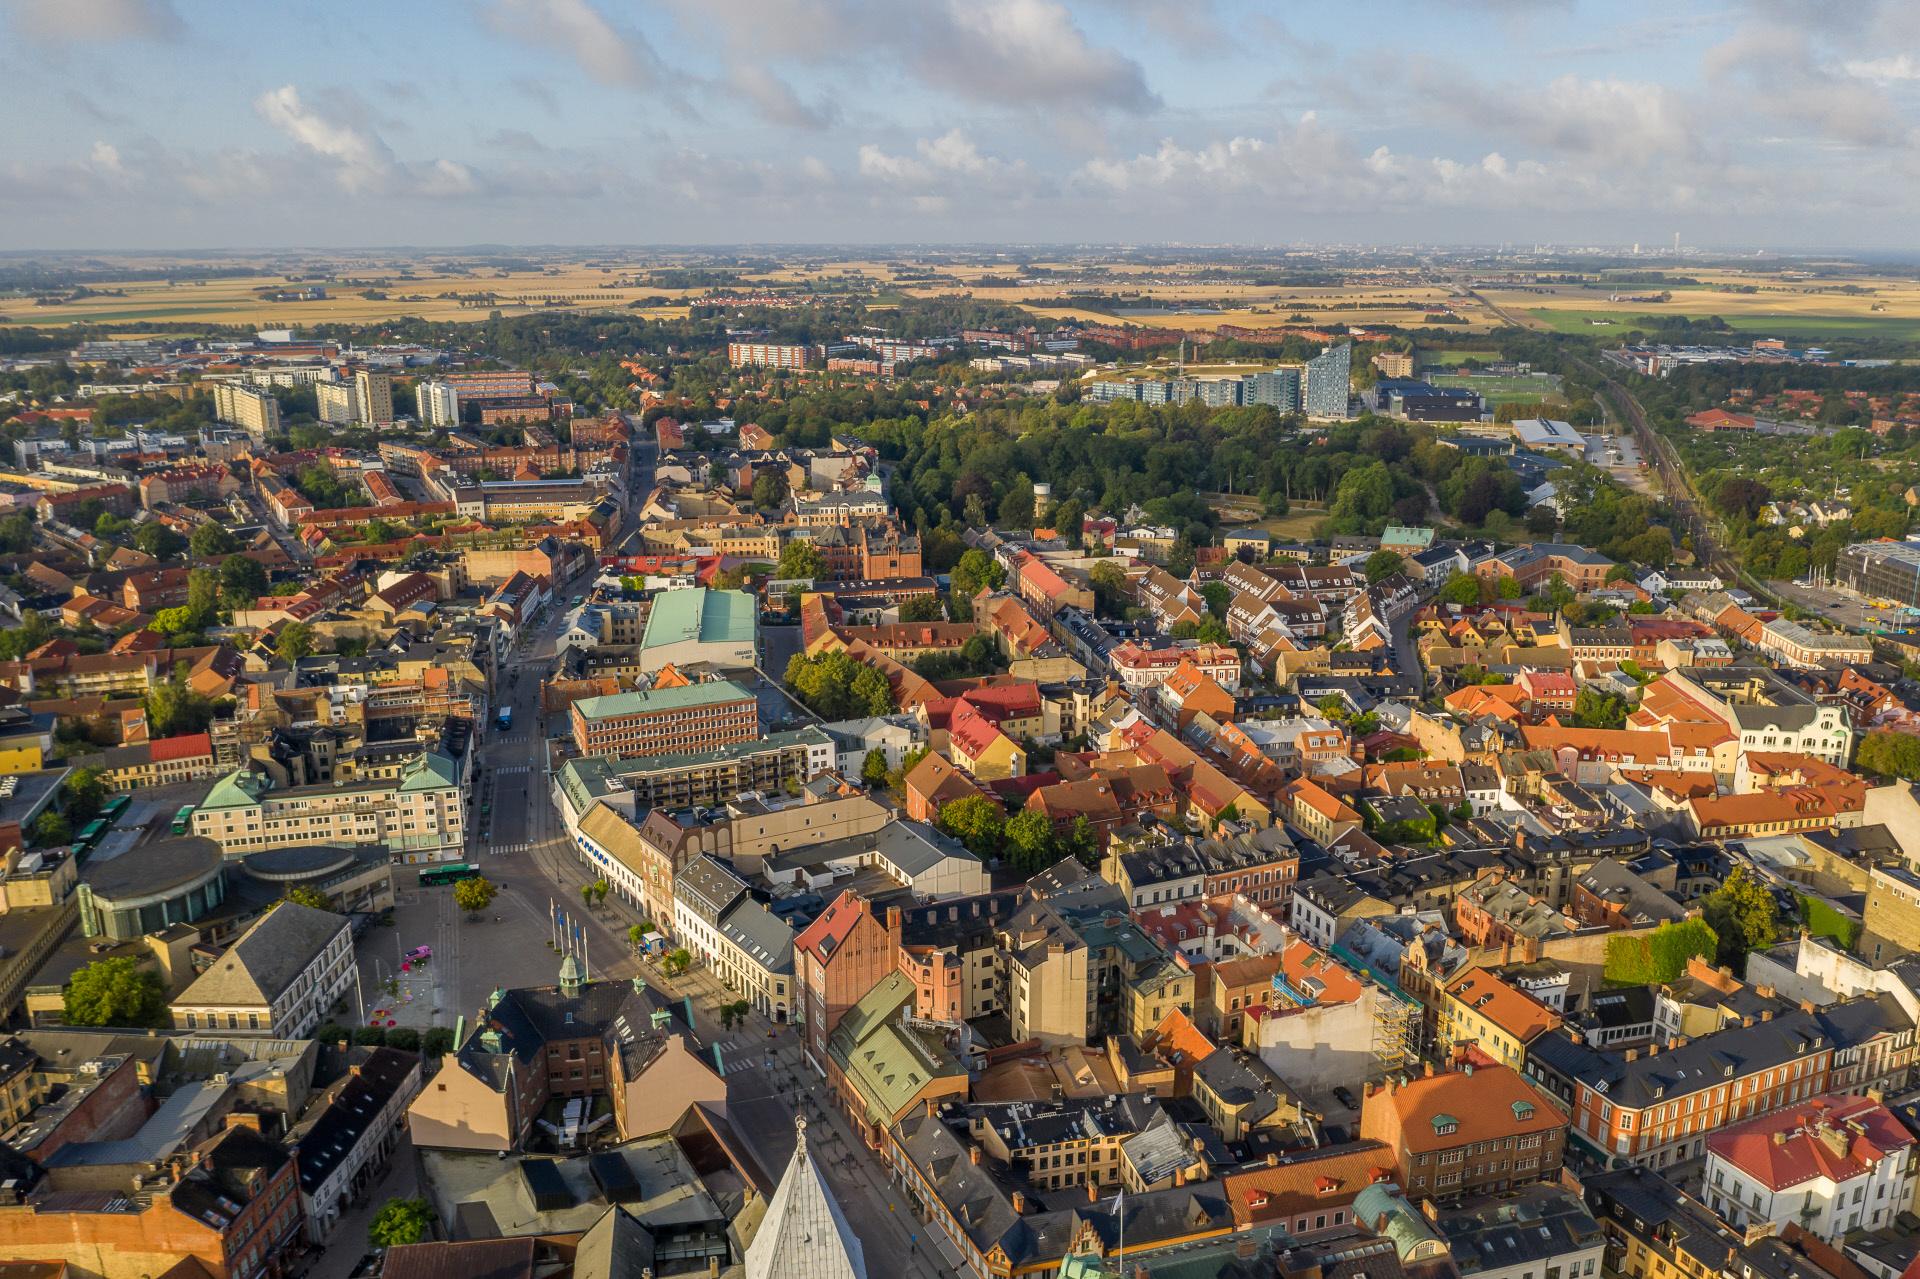 Borgerliga partier vill göra Lund till kulturhuvudstad – men Centern säger nej